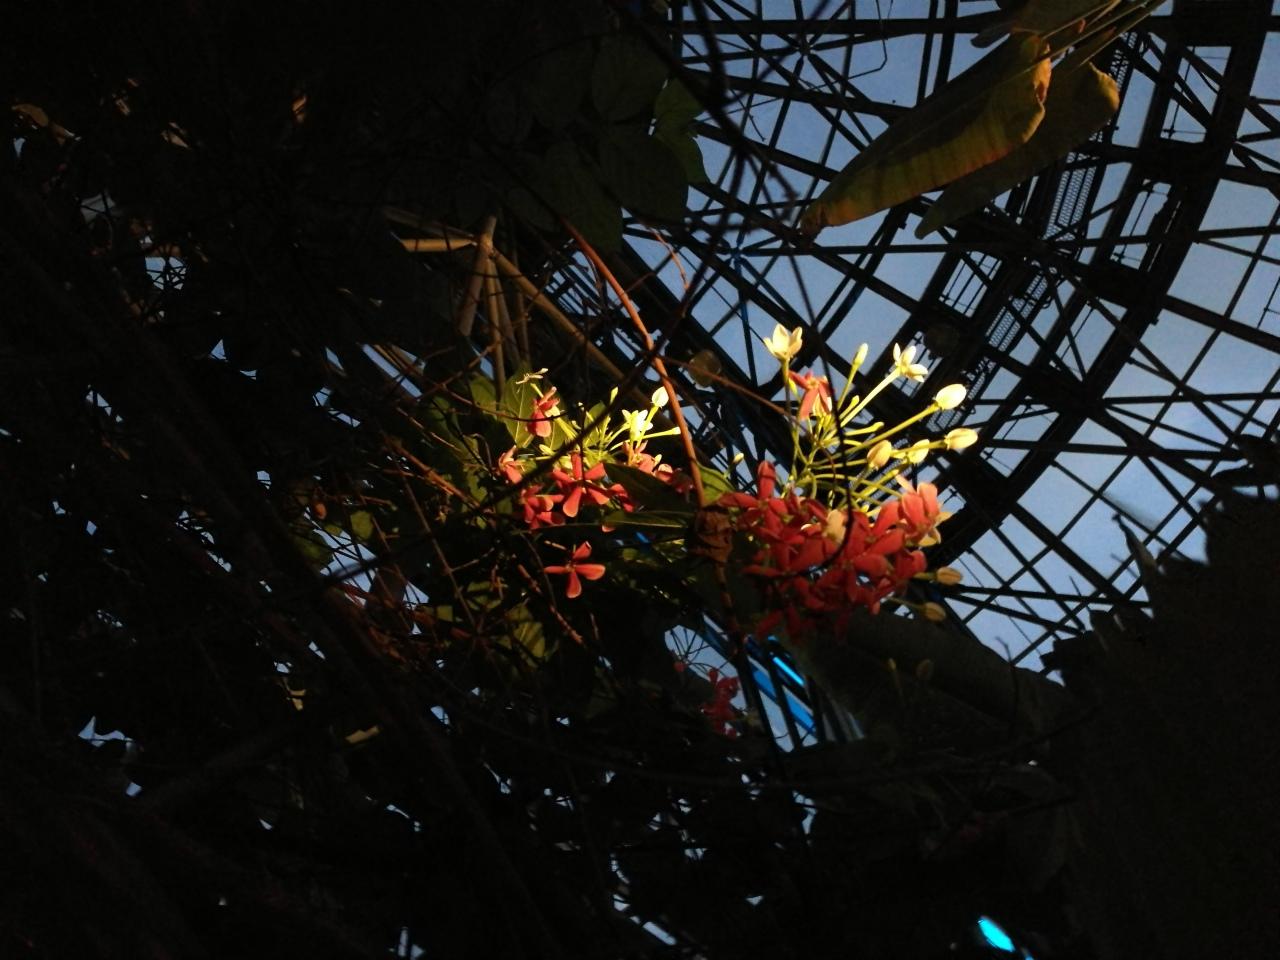 yumenoshima-tropical-greenhouse-dome-2016-05